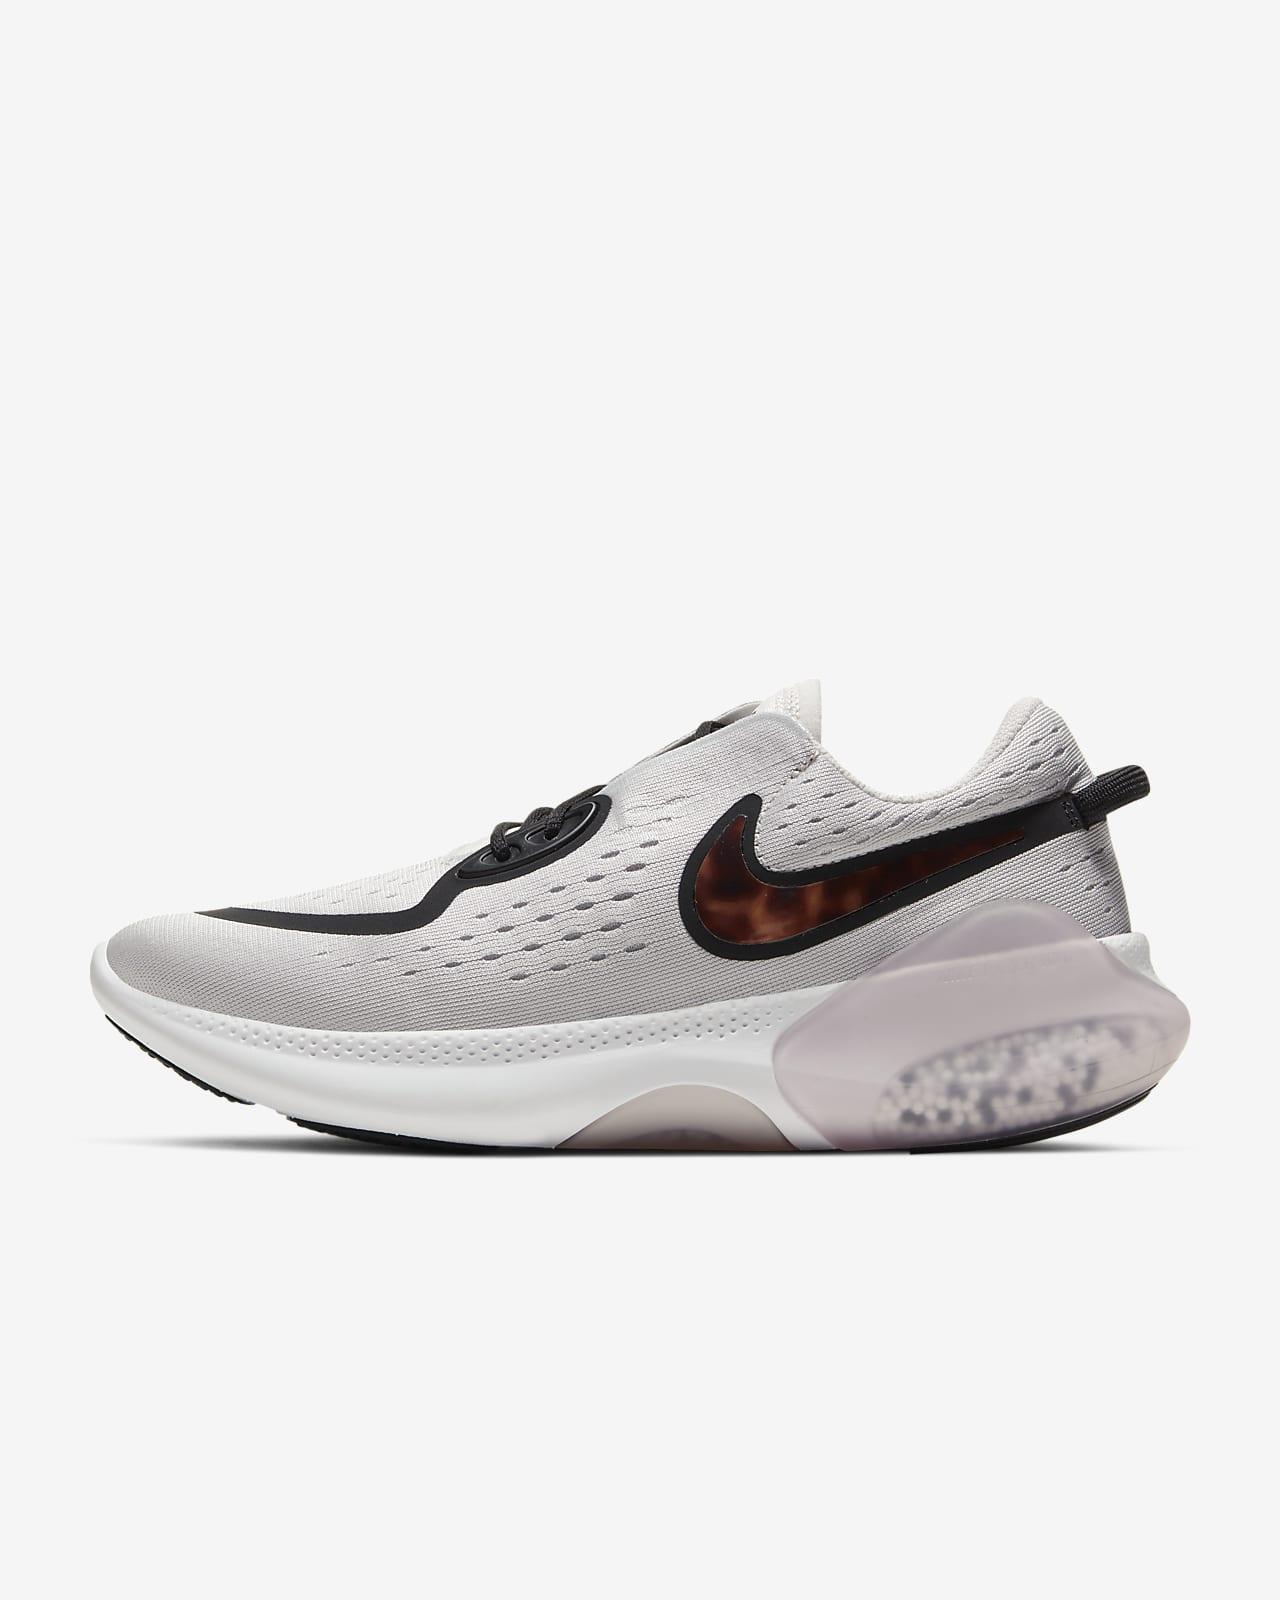 Nike Joyride Dual Run Tortoise Shell Women's Running Shoe